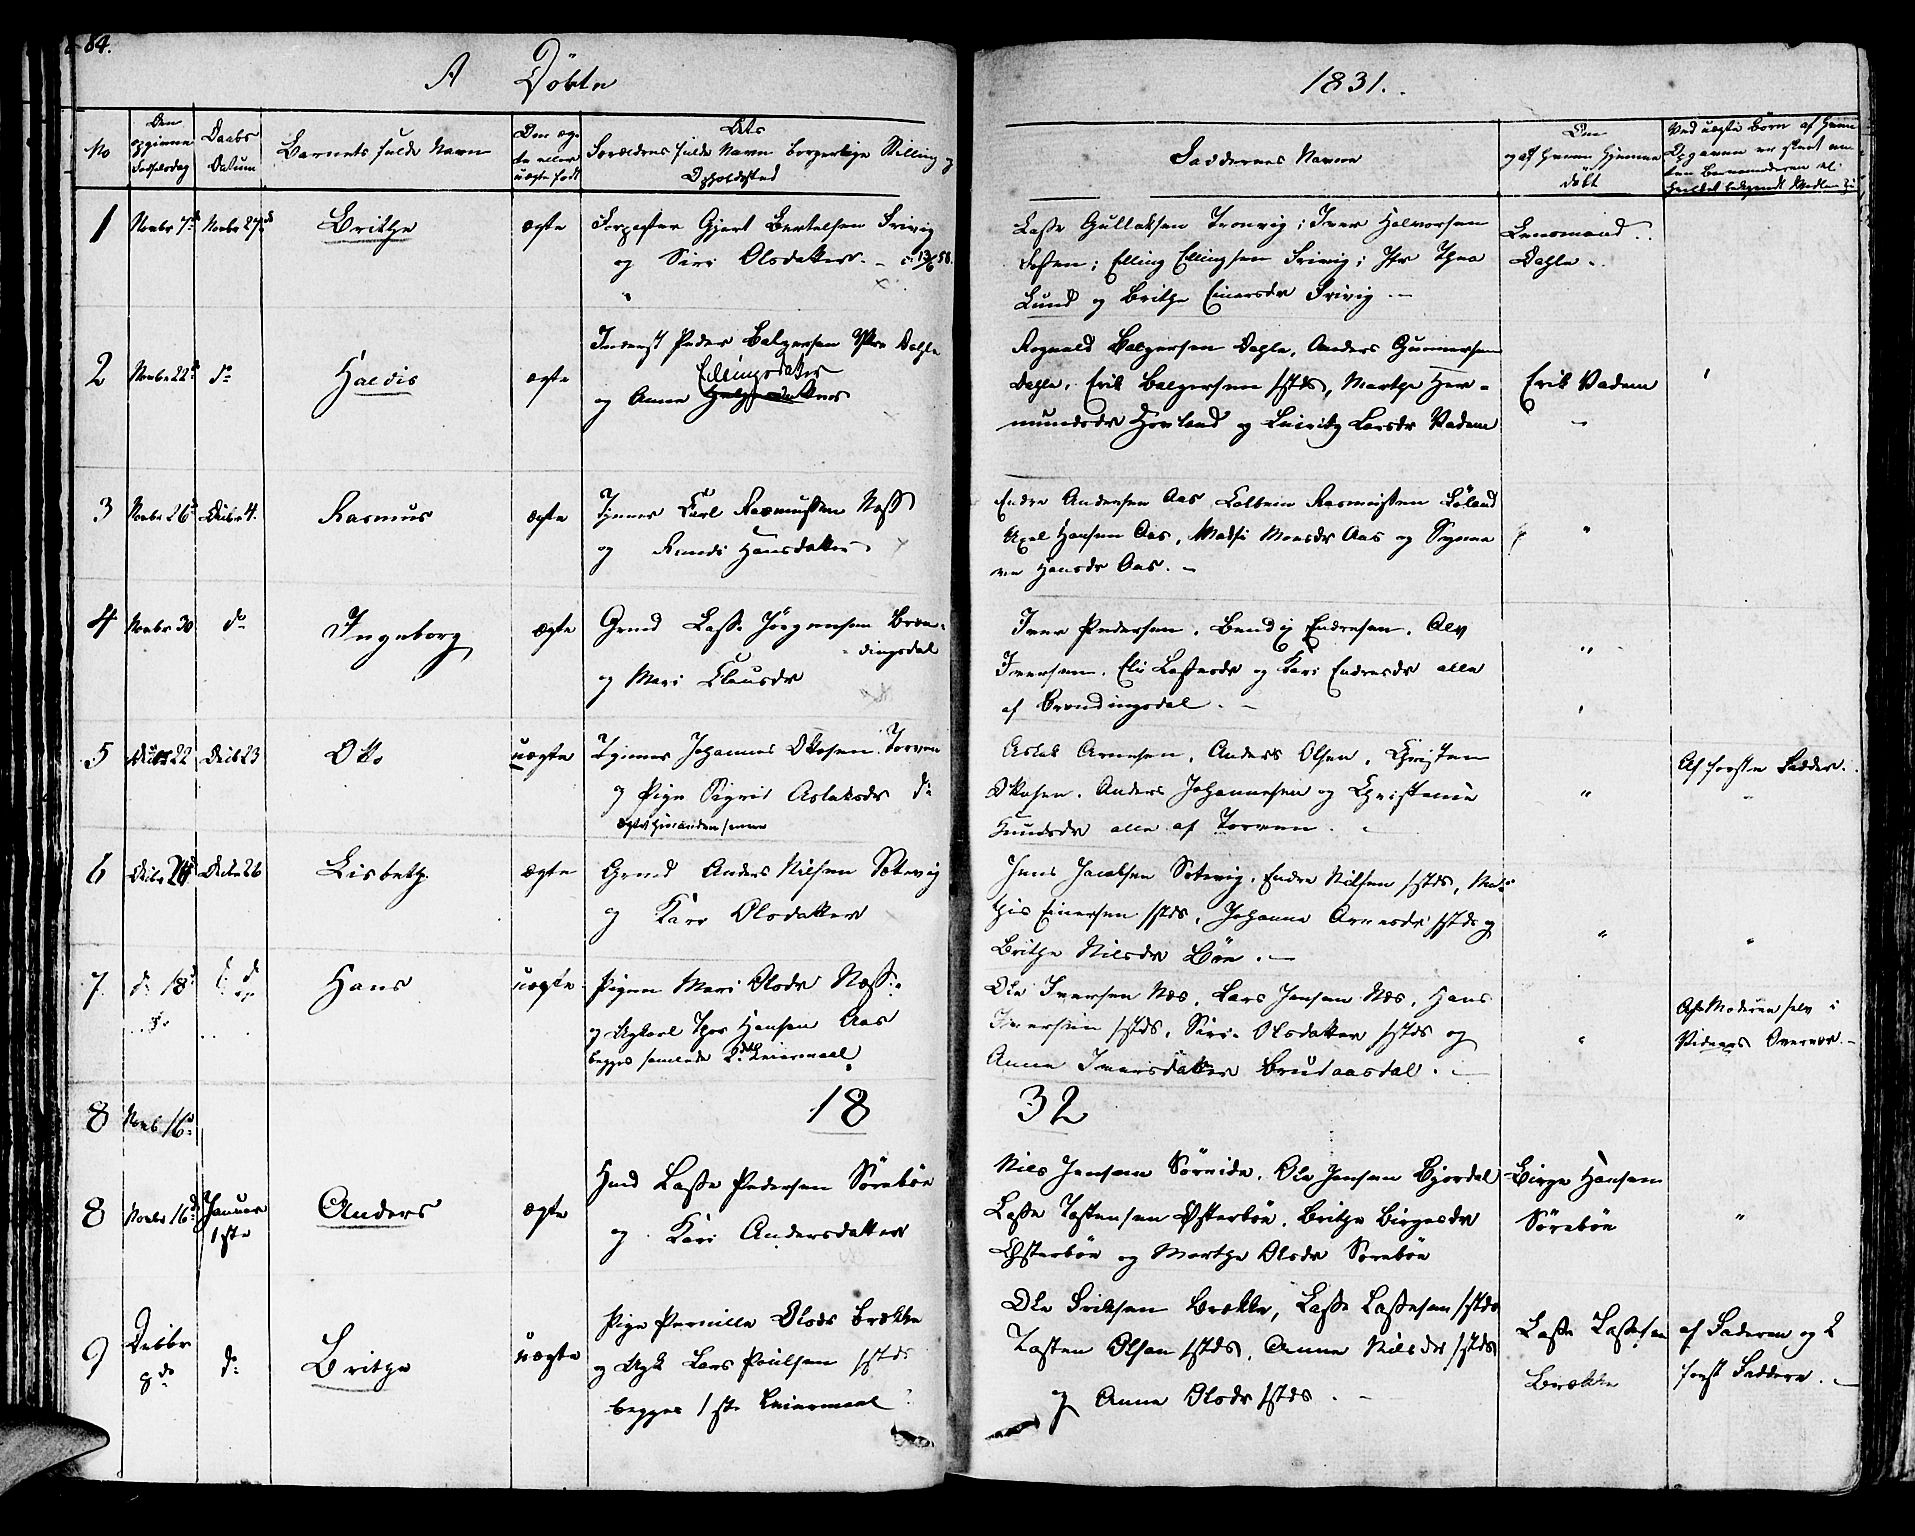 SAB, Lavik sokneprestembete, Ministerialbok nr. A 2I, 1821-1842, s. 84